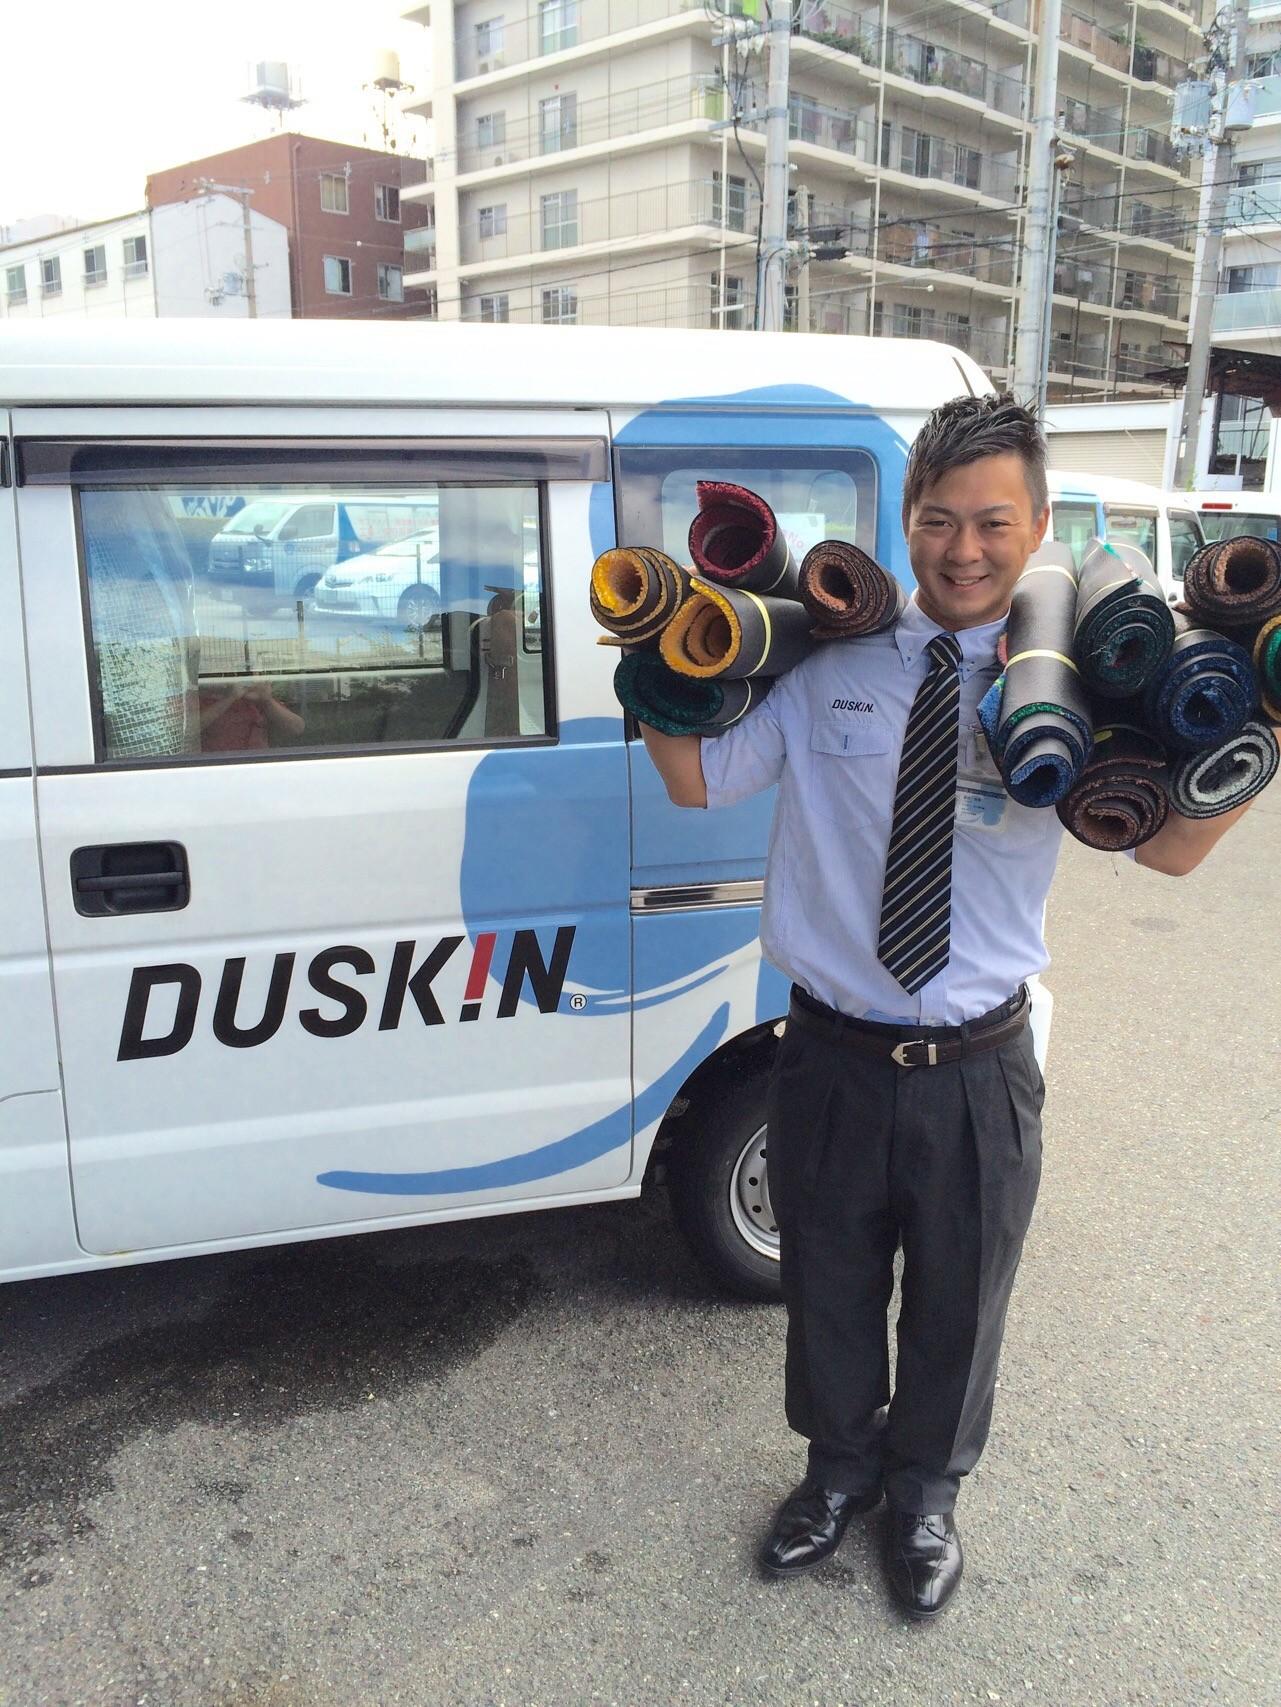 ダスキン 太子橋支店 のアルバイト情報